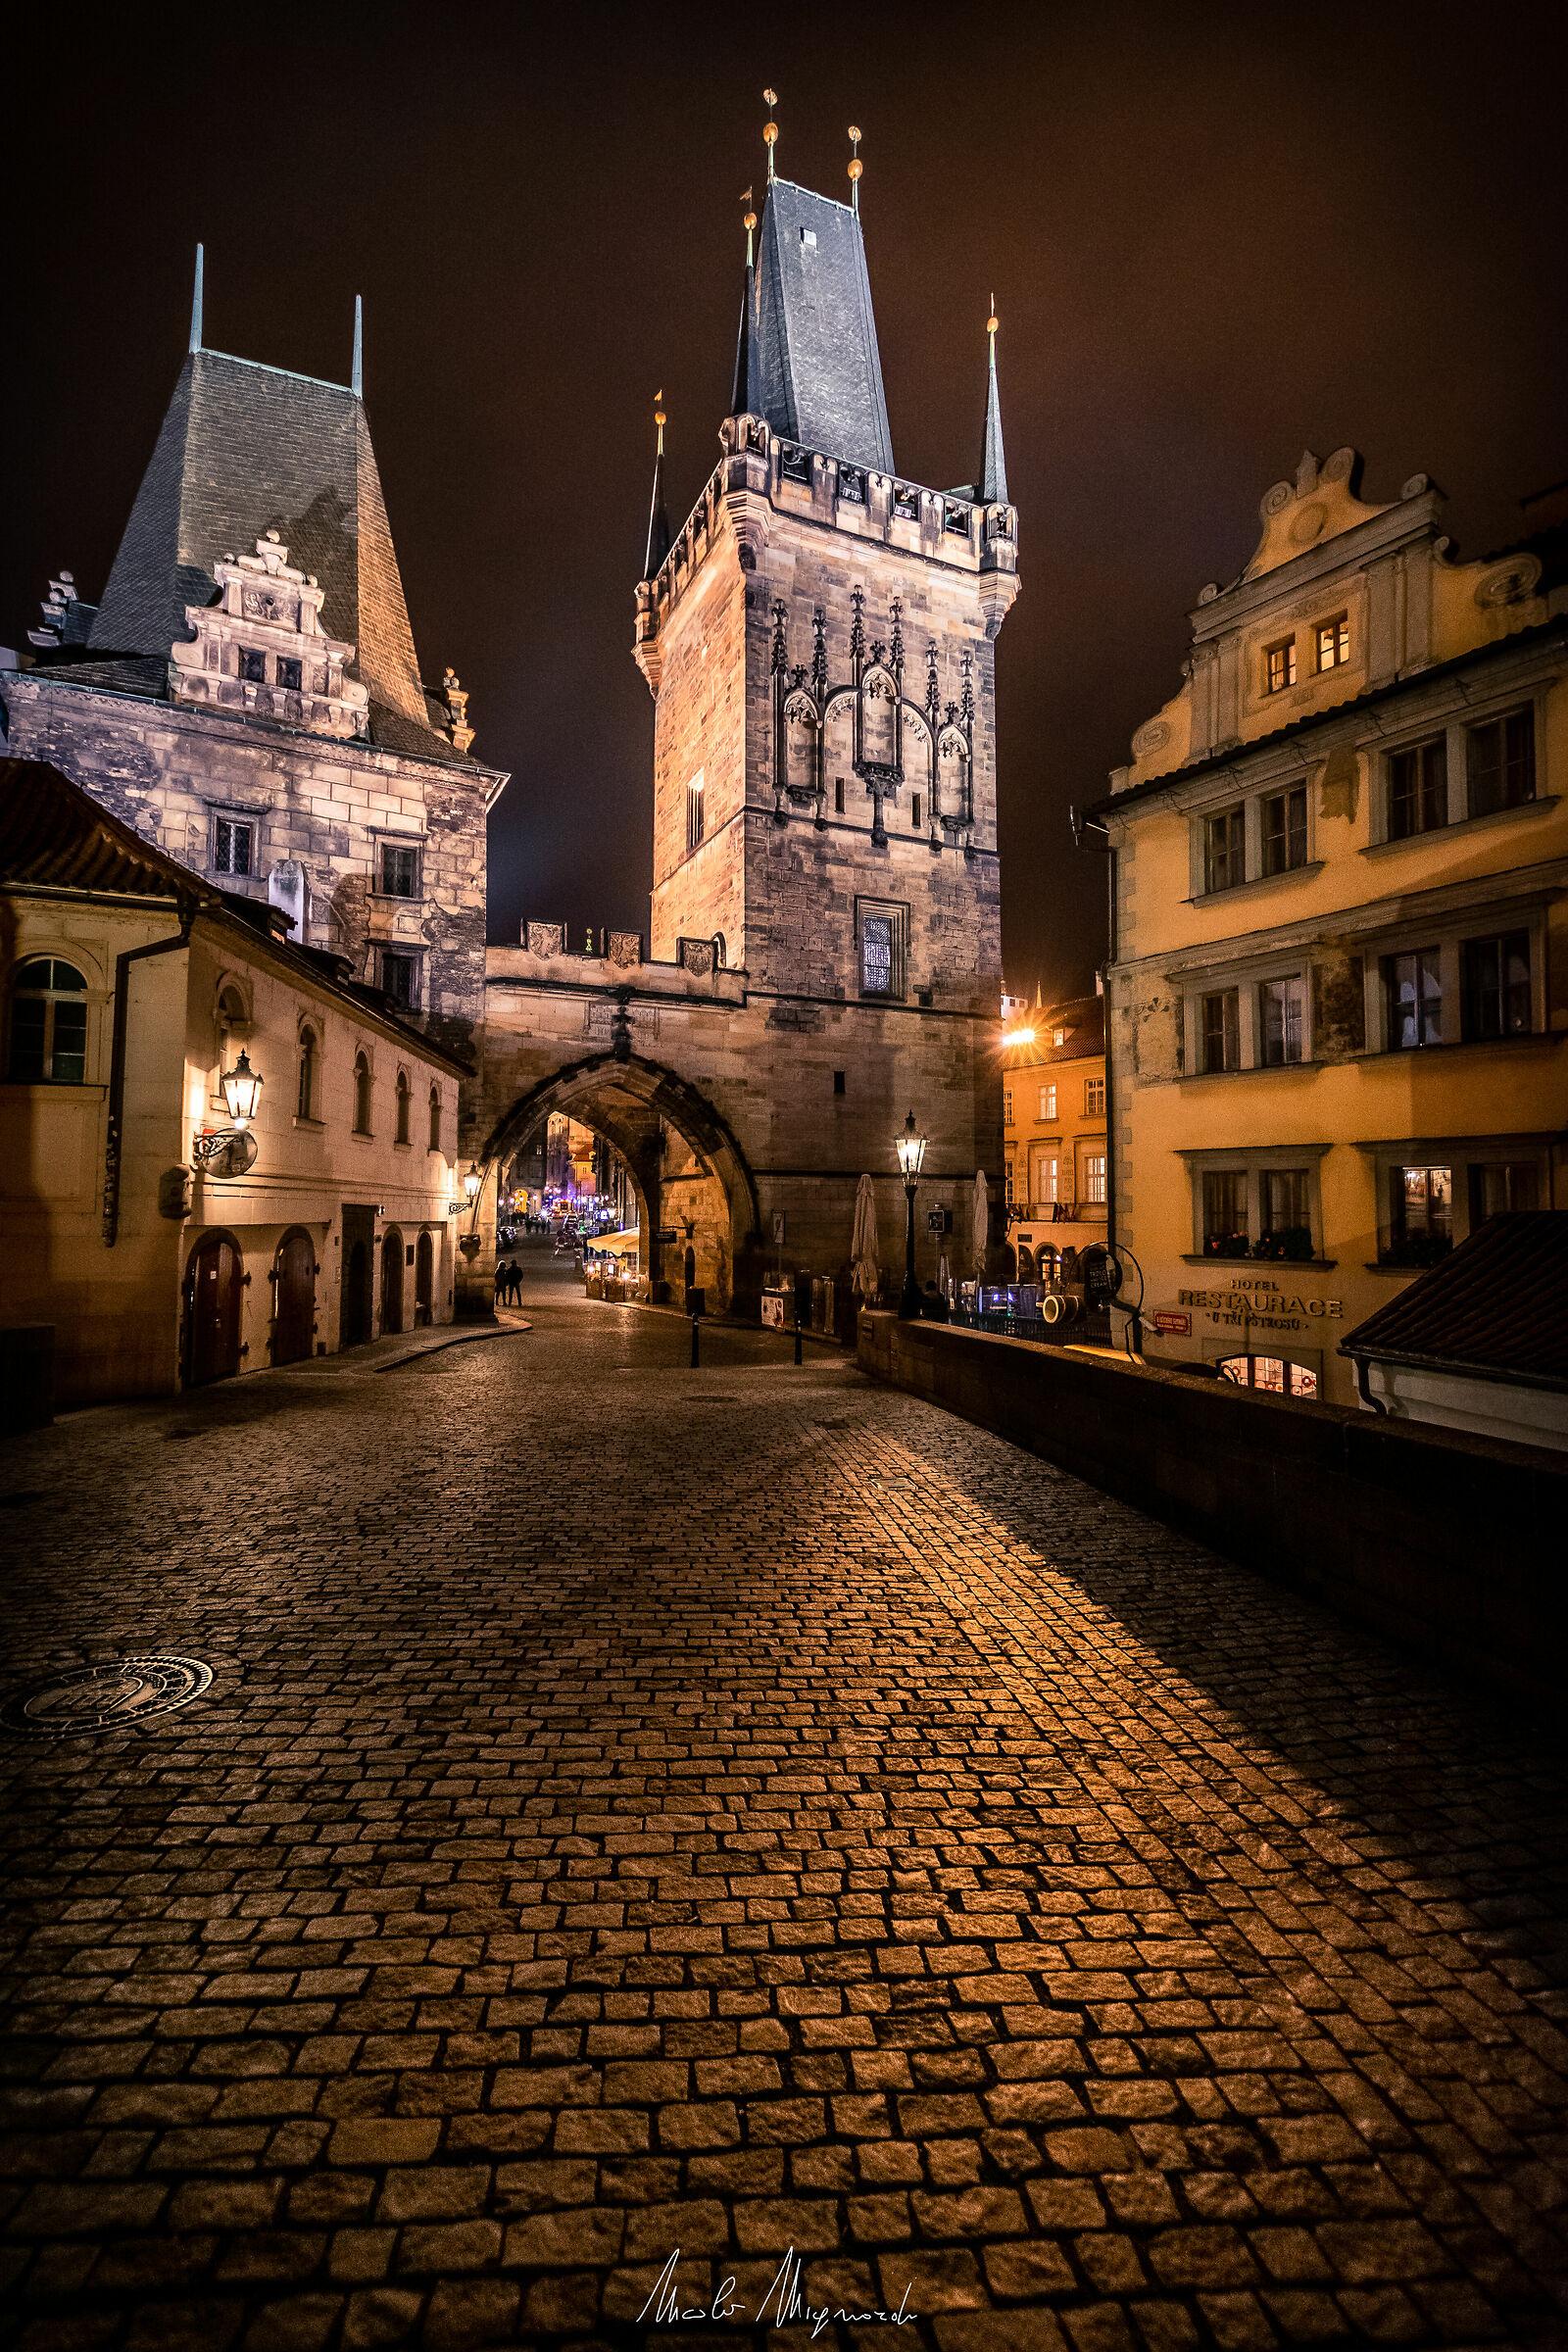 La notte di Praga...